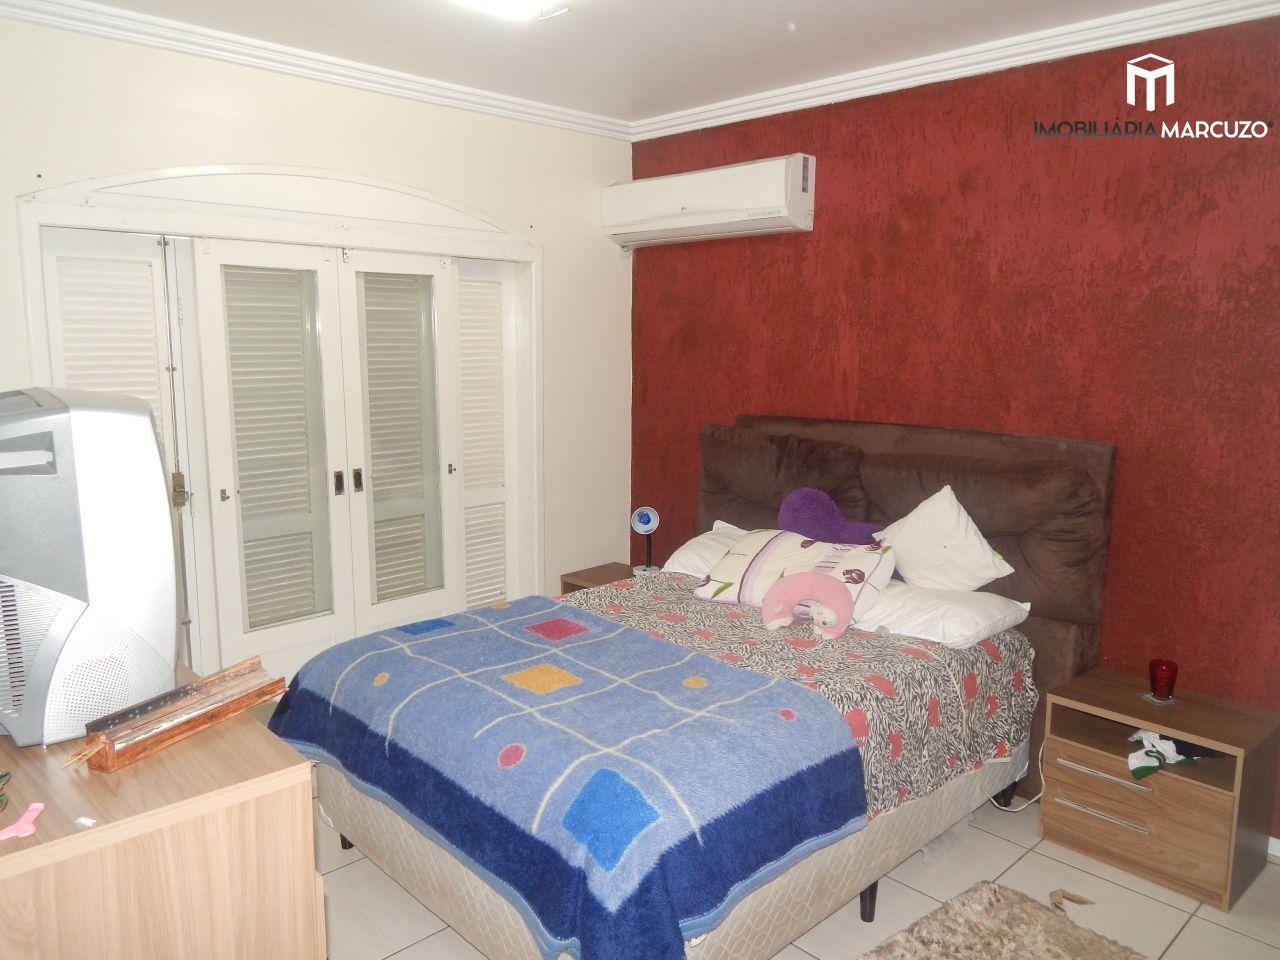 Cobertura com 3 Dormitórios à venda, 156 m² por R$ 400.000,00